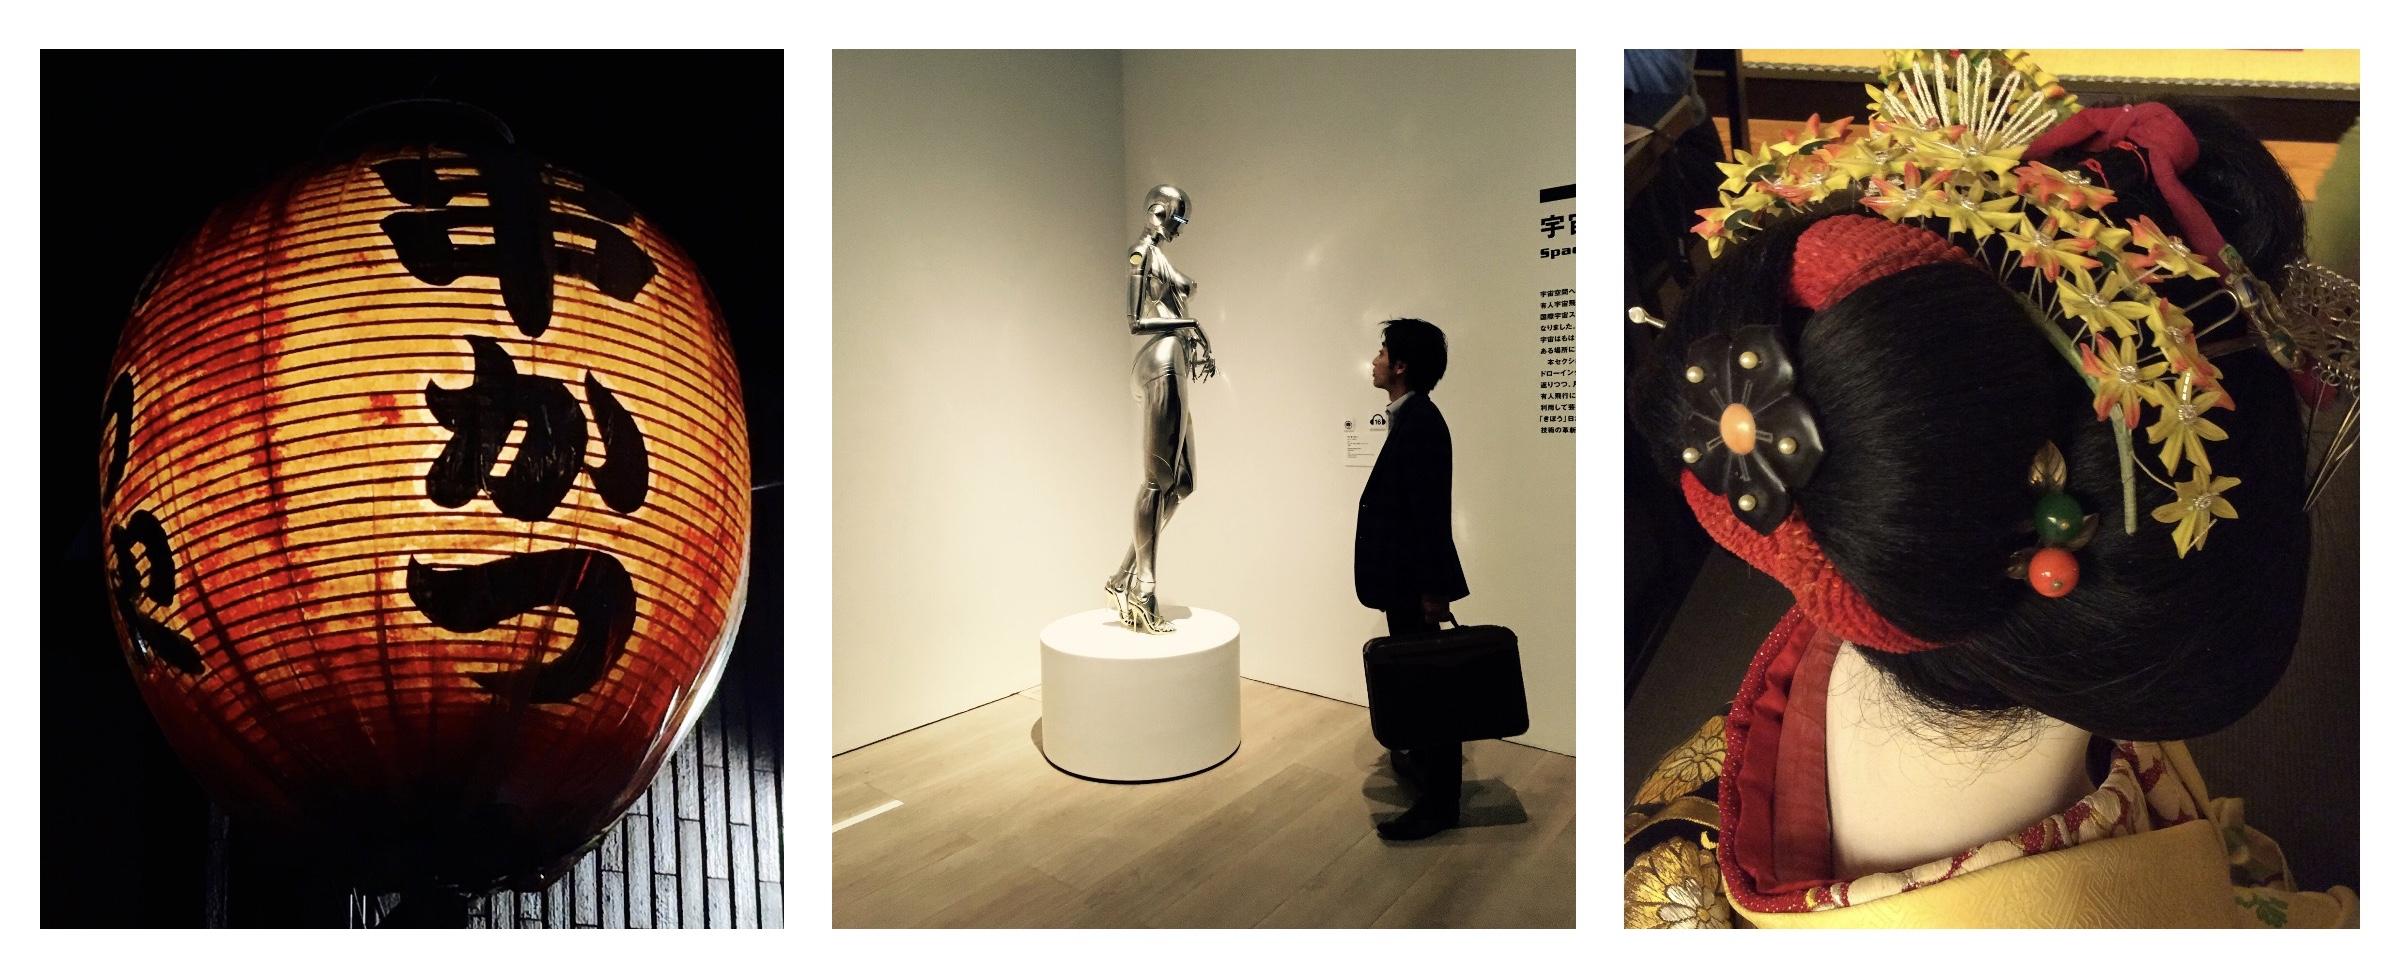 Ravintolan mainoslyhty Pontochossa, näyttely Morin taidemuseossa, meitä emännöineen maikon hiuslaite Gionissa.